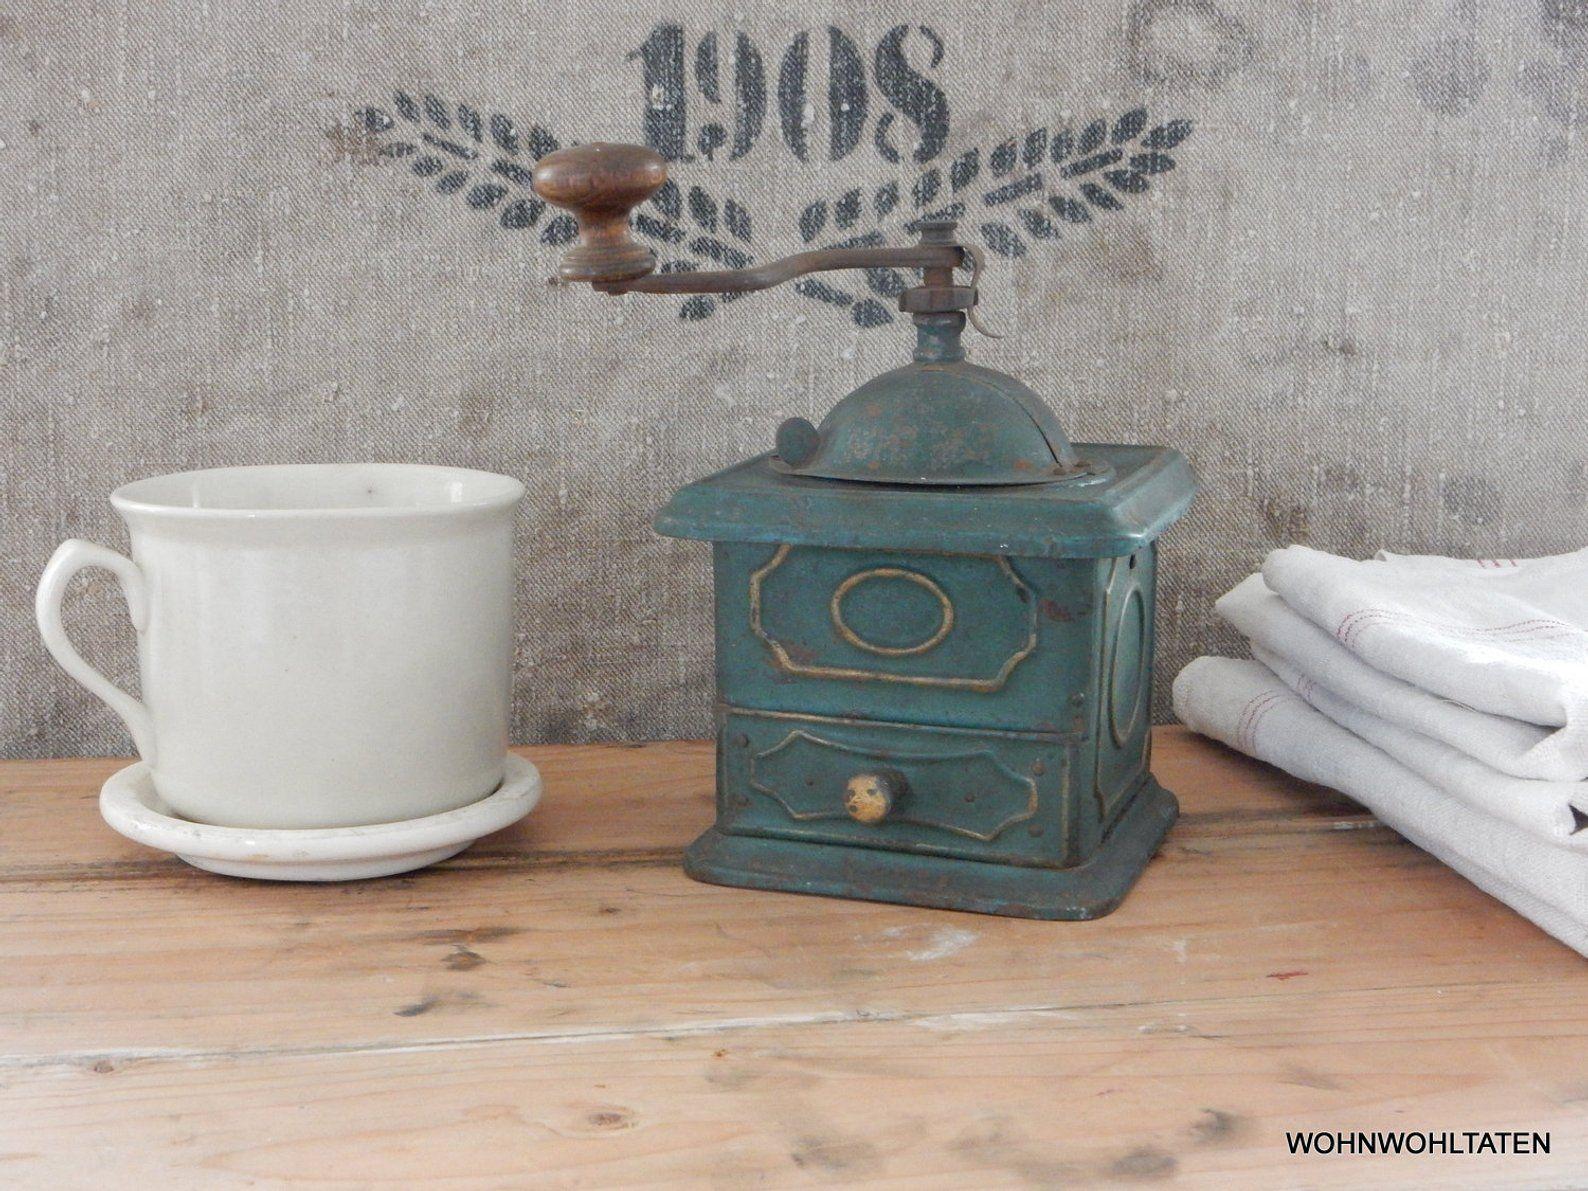 Alte Metall Kaffee Mühle Alte Handmühle Vintage Mühle Old Etsy Vintage Kaffeemühle Etsy